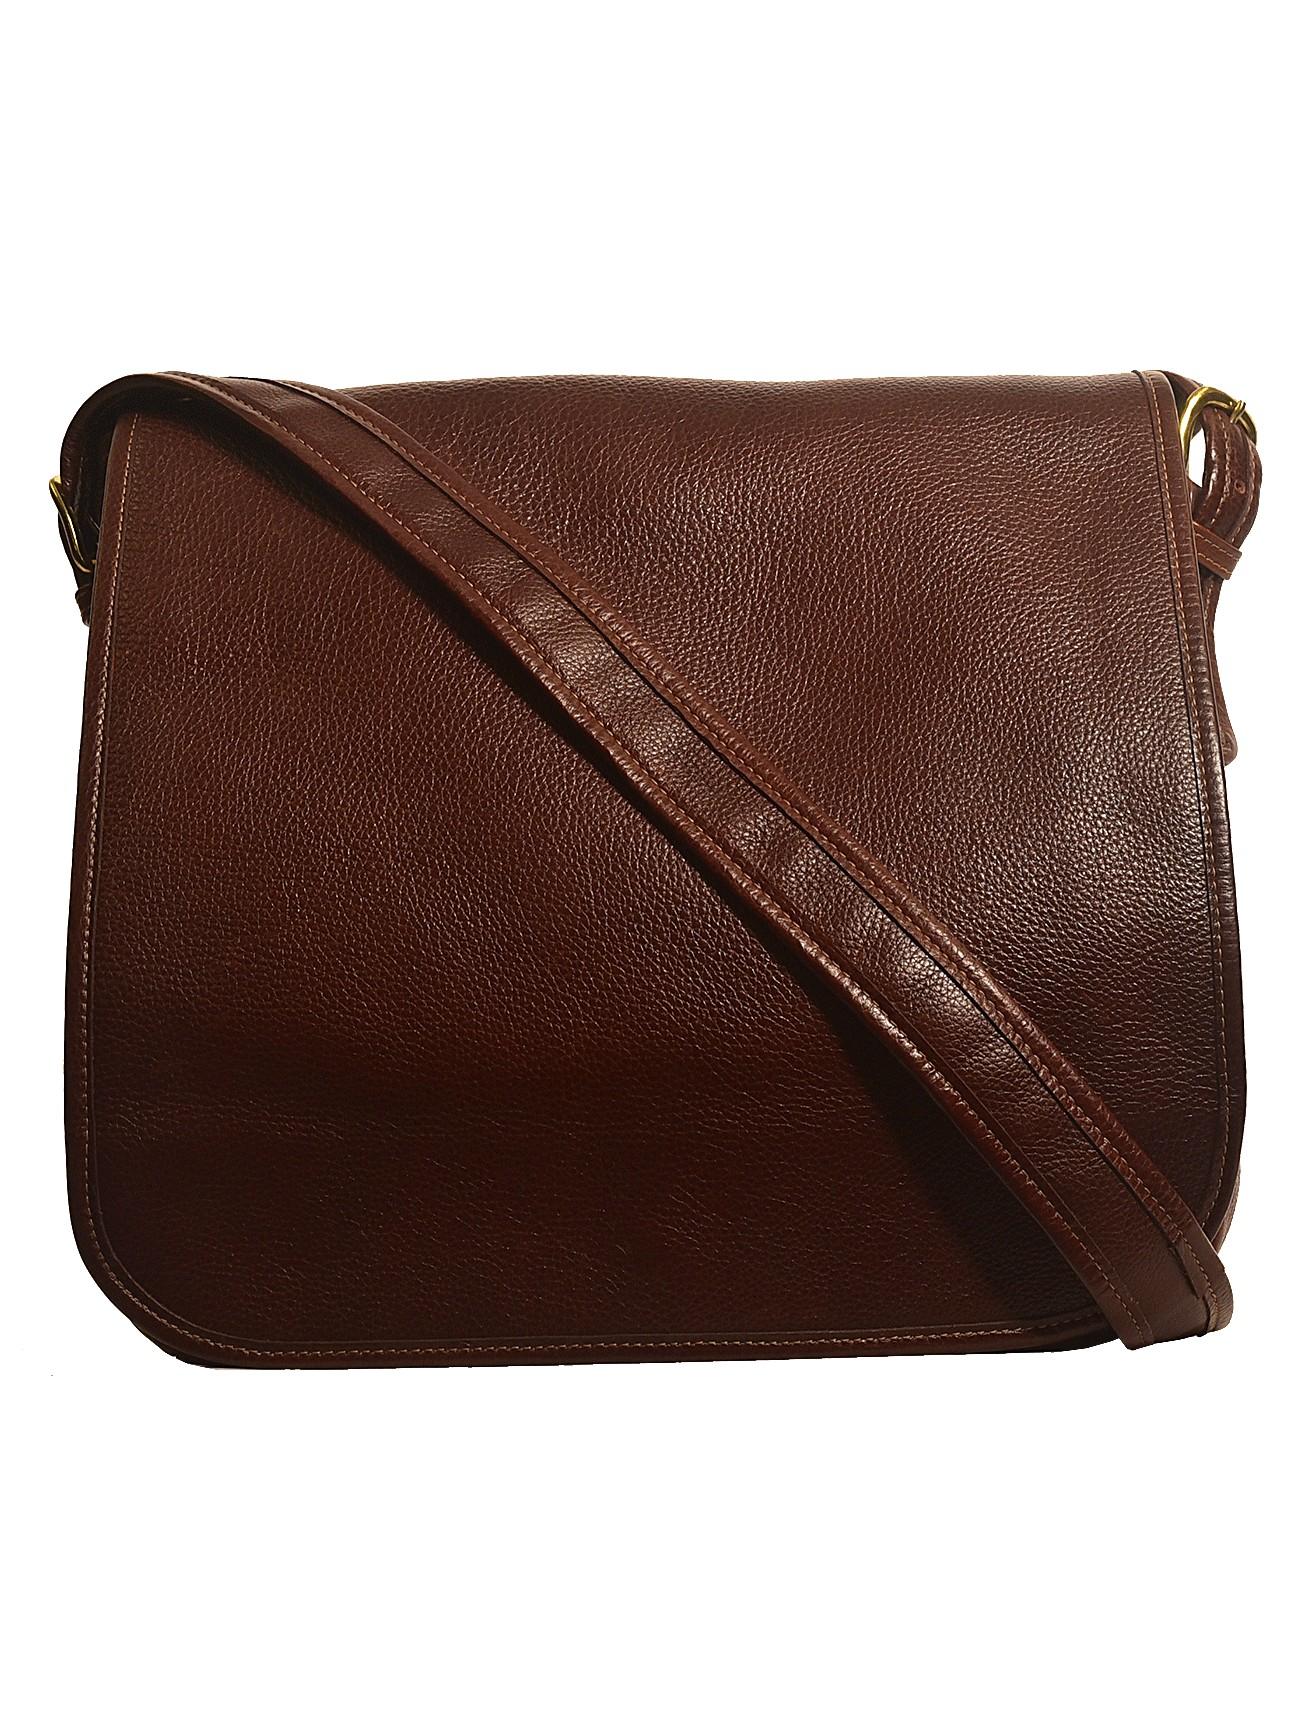 346cd85eafa Ripley Large Messenger Bag